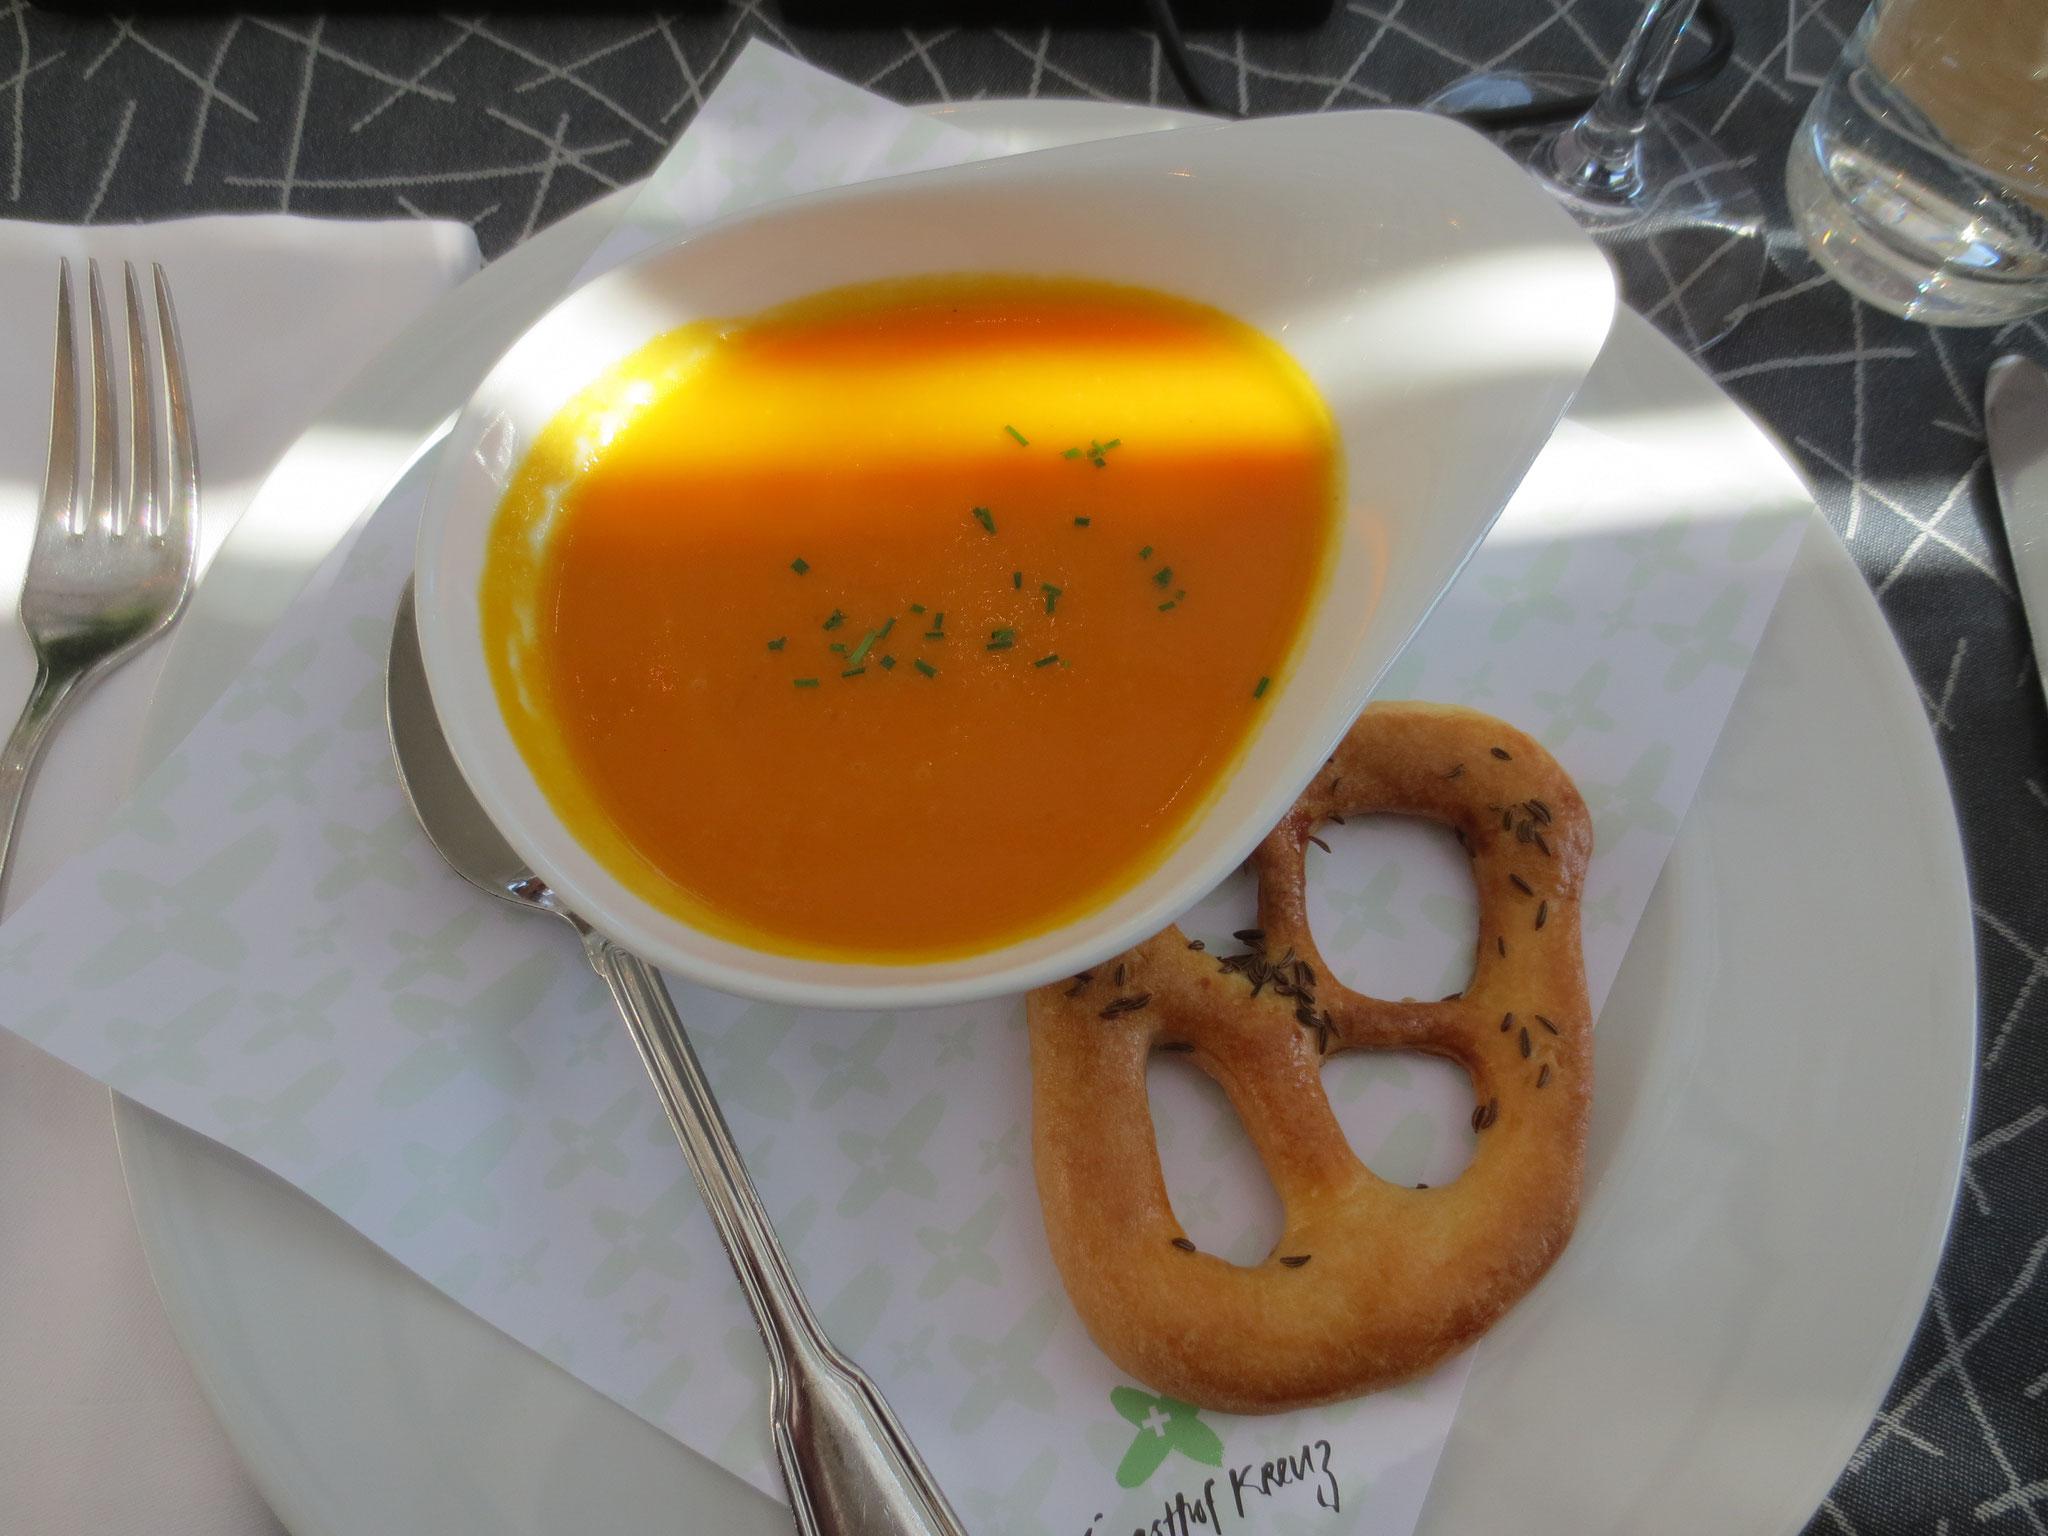 """VDSV-Business-Lunch im Hotel Gasthof Kreuz in CH-Egerkingen: Im Bild die Vorspeise Karotten-Ingewersüppchen """"Basler Fastenweihe"""""""